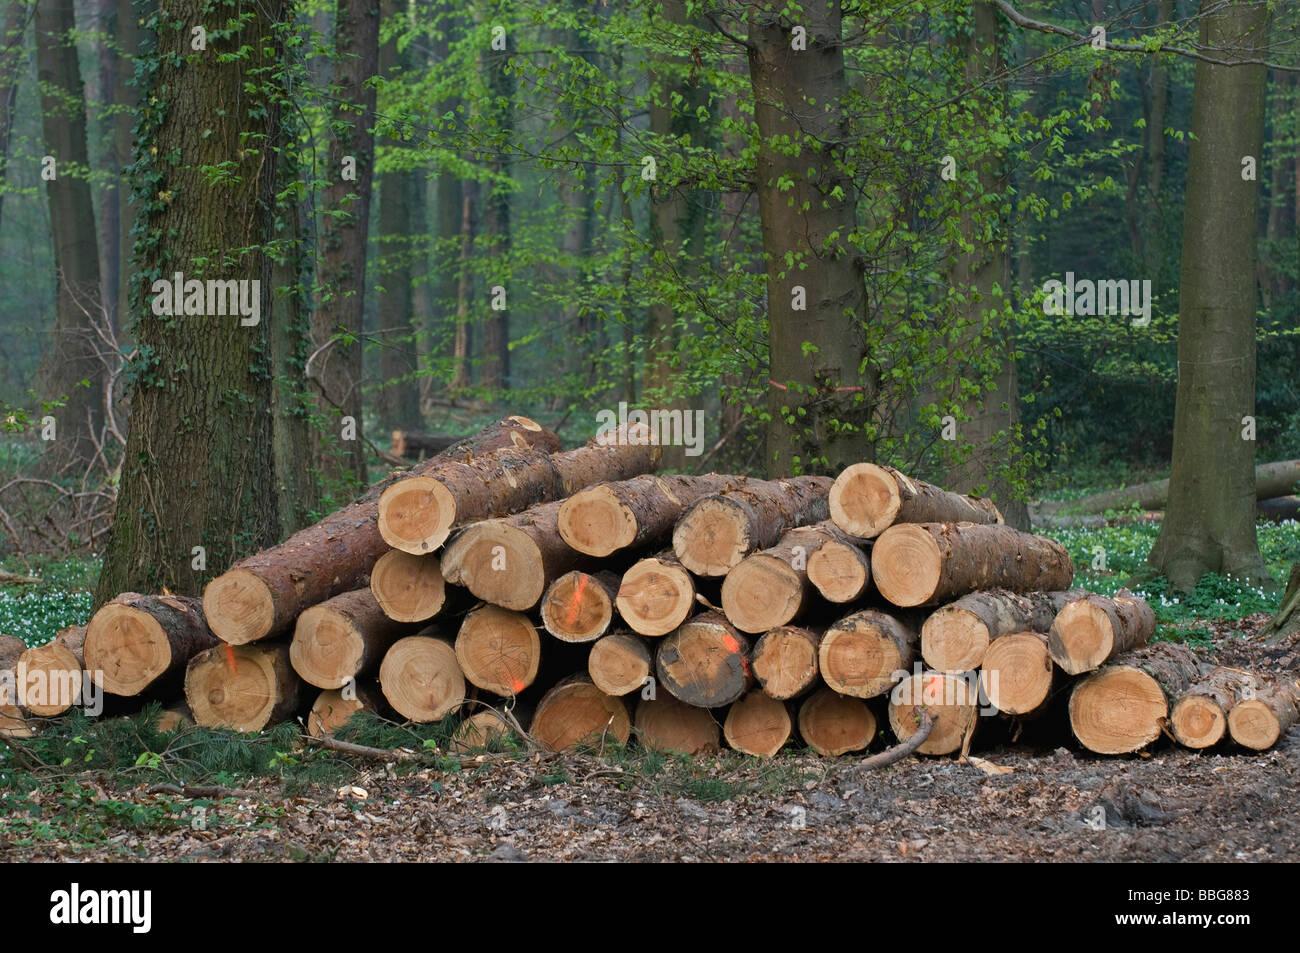 Appena tagliato il legno di pino rosso-contrassegnato tronchi nella foresta sono disponibili per il ritiro Foto Stock